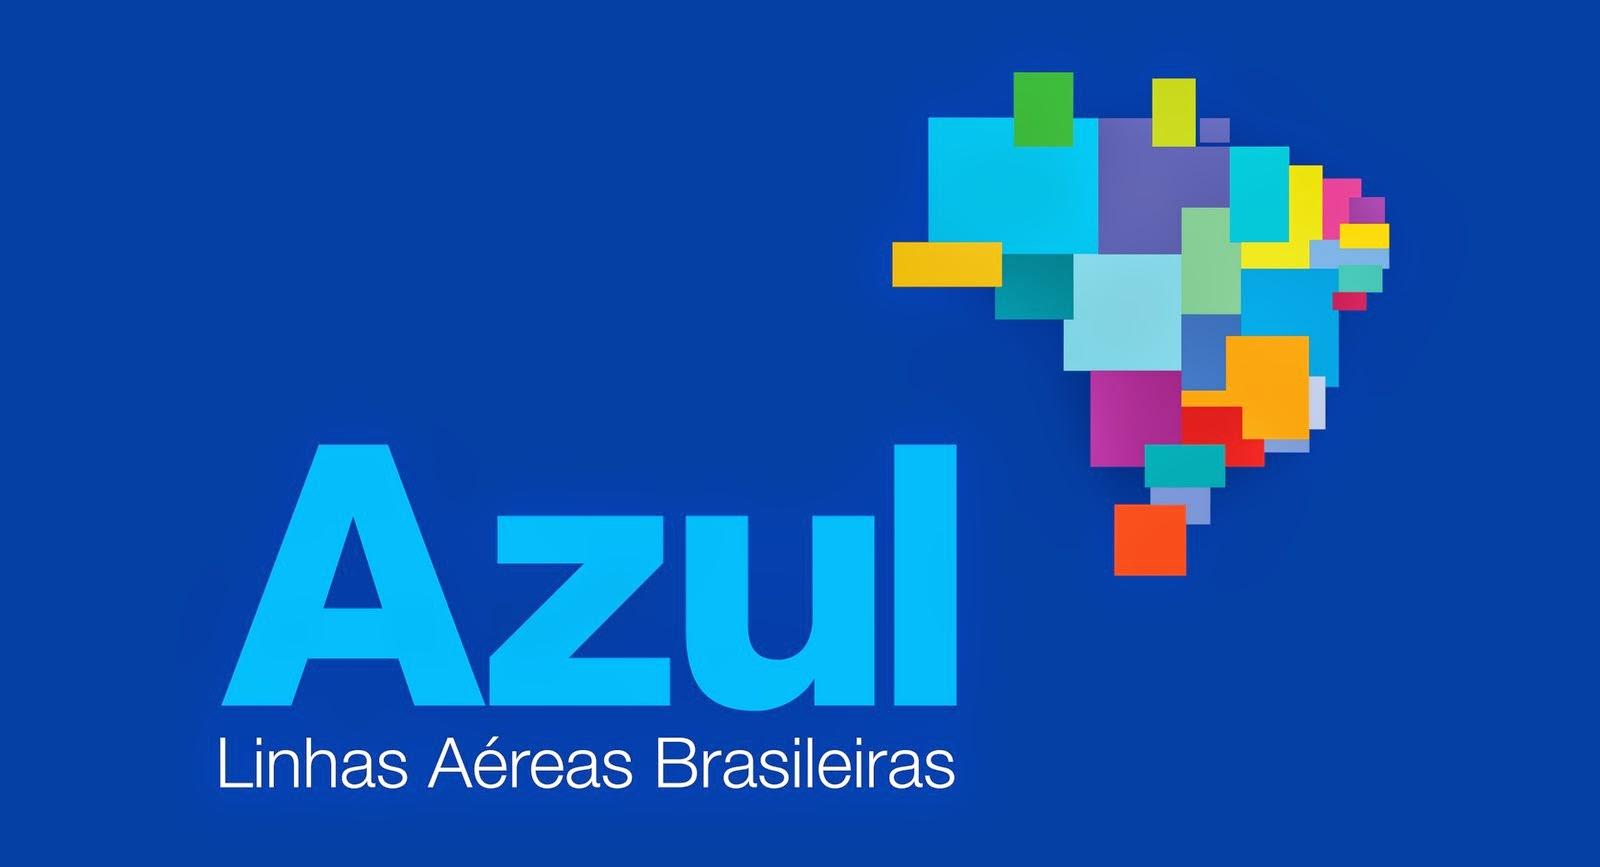 Passagens da Azul com até 90% de desconto, compre passagens aéreas na promoção Azul, a partir de R$59,90